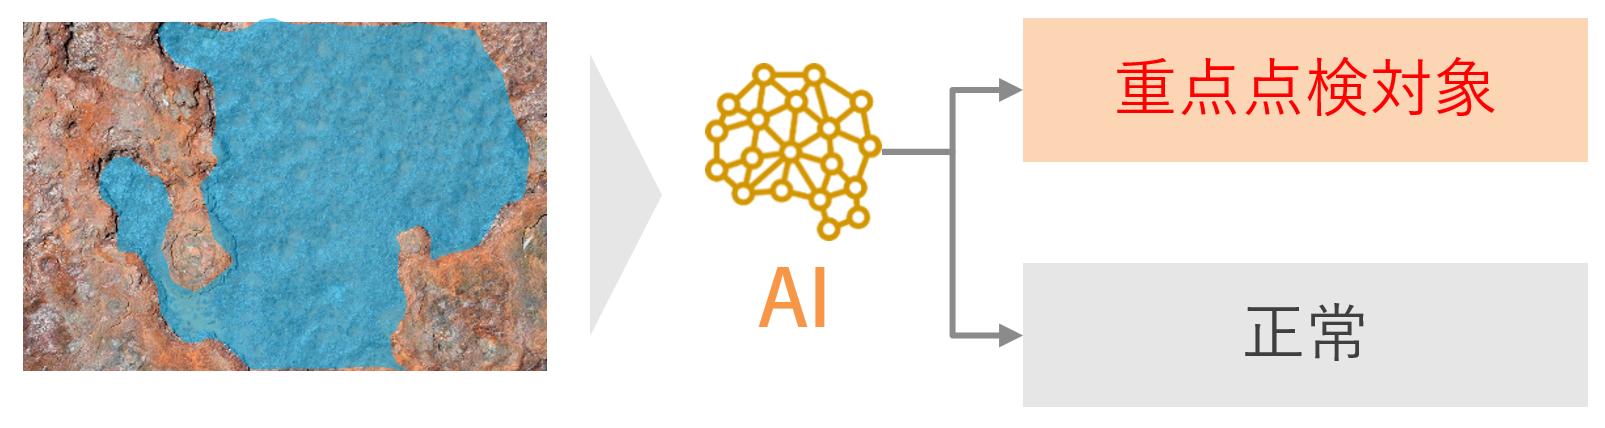 人工知能,AI判定